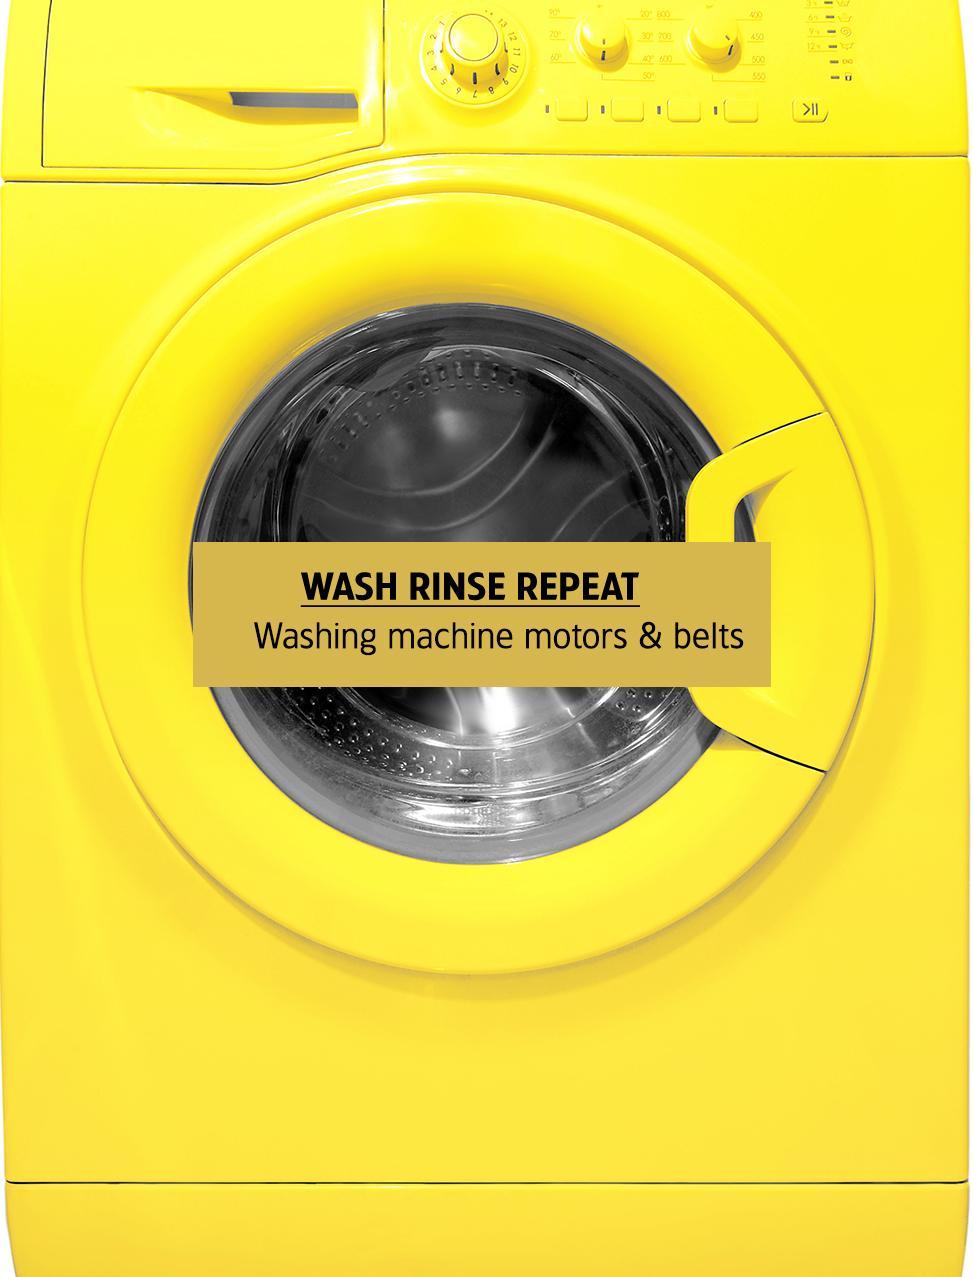 Wash-Rinse-Repeat.jpg